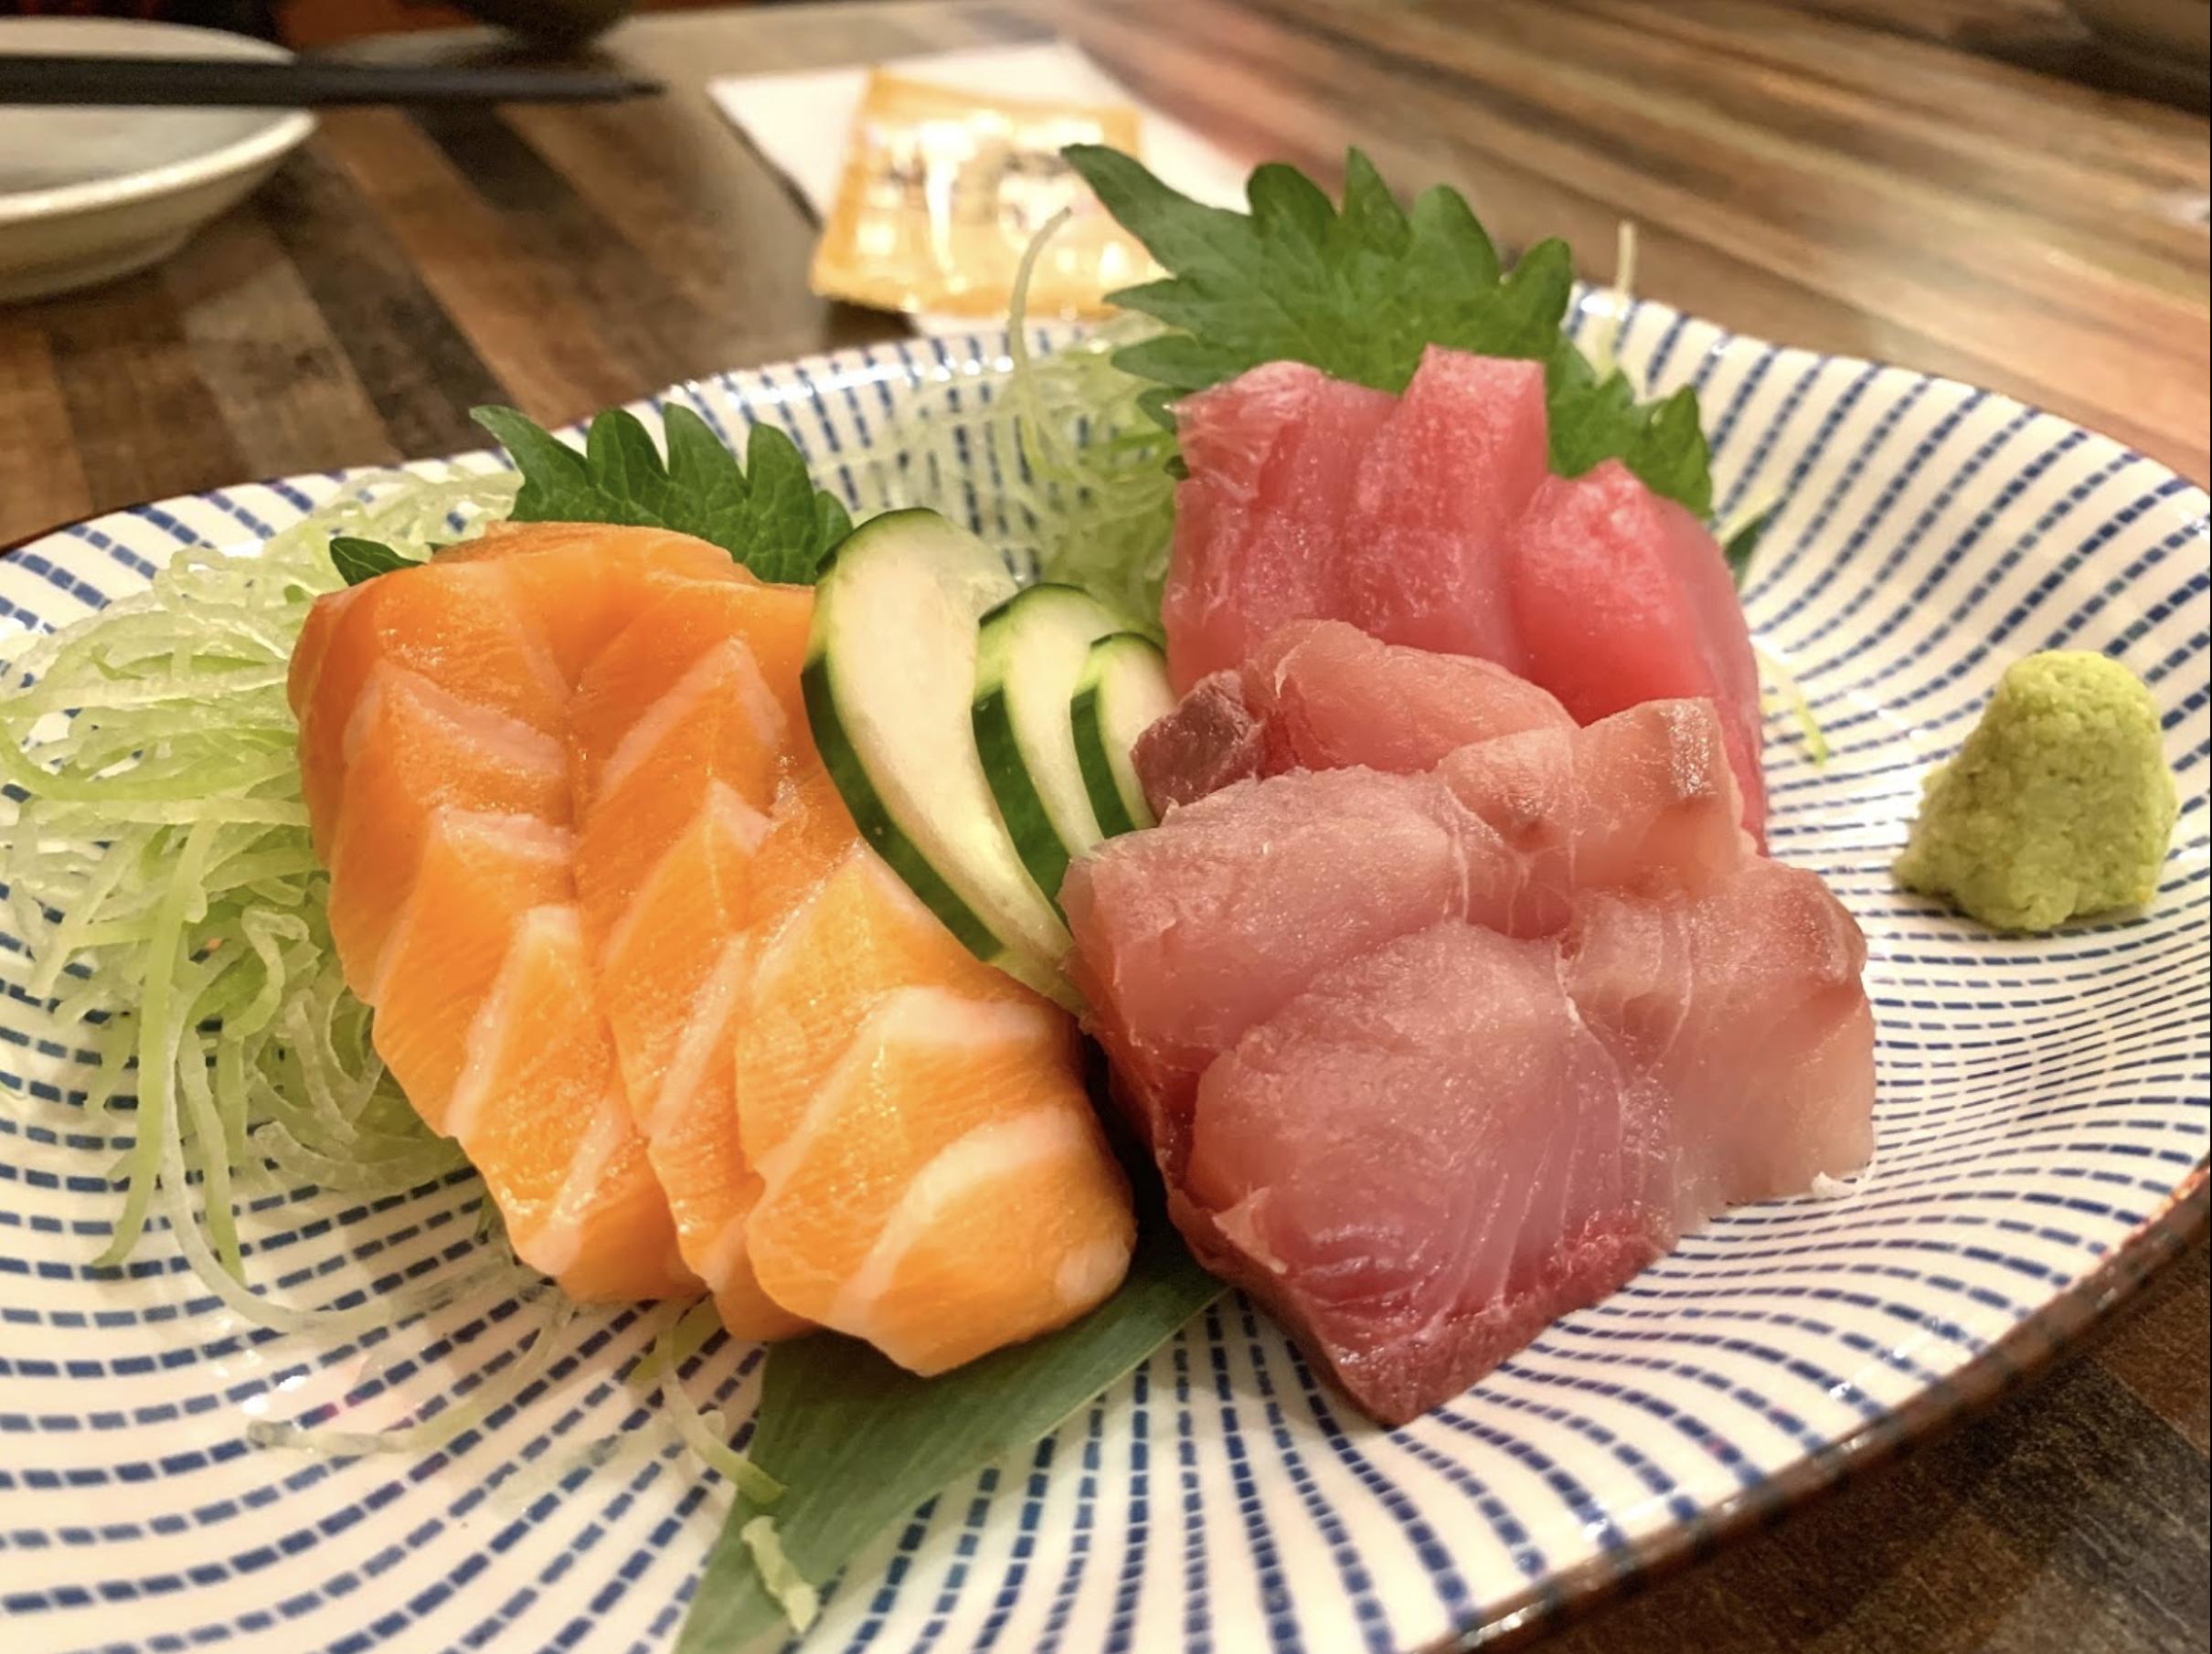 旺角烧肉/令和居酒屋/除左烧烤之外,呢到都有火锅同鱼生,食材都好出色~~